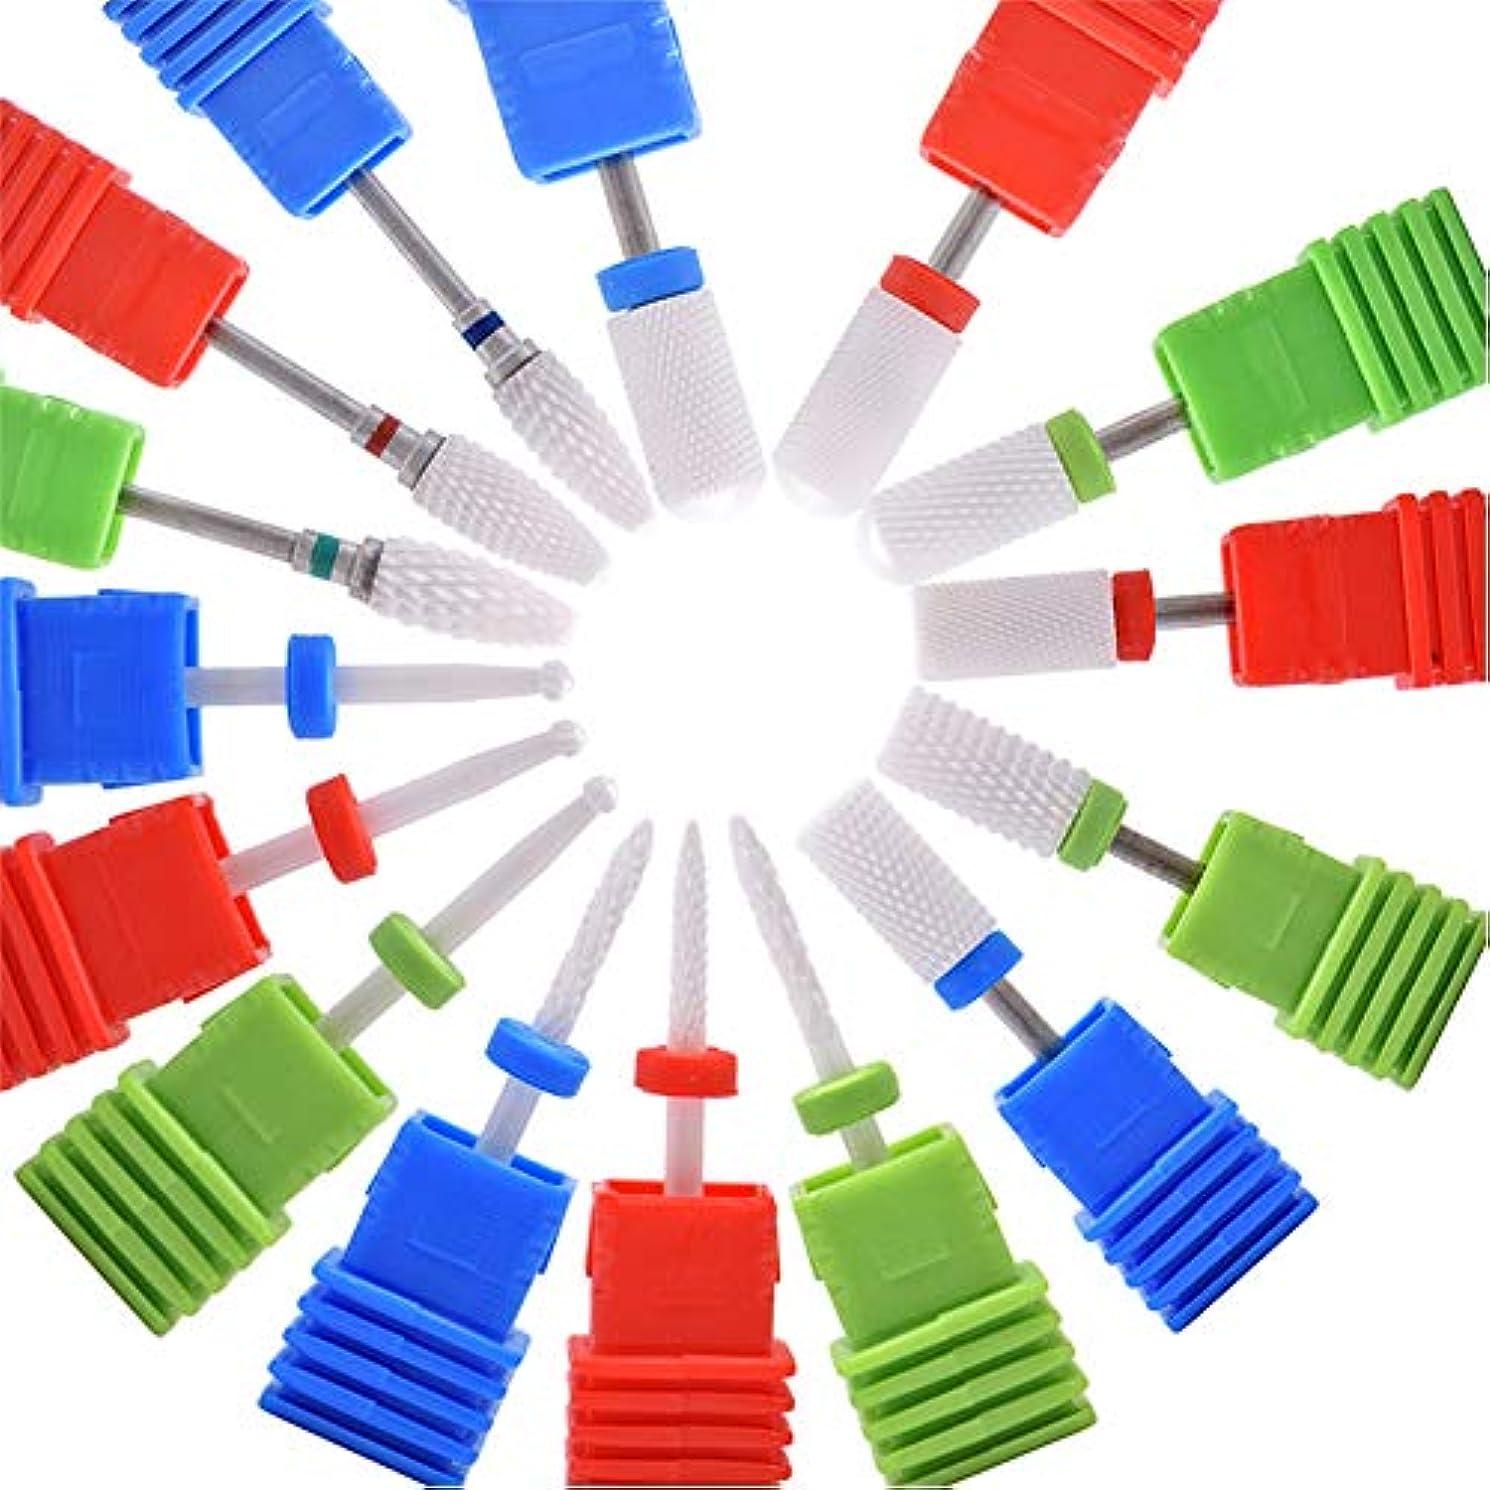 高層ビルレジデンス知るOral Dentistry ネイルアート ドリルビット 研削ヘッド 研磨ヘッド ネイル グラインド ヘッド 爪 磨き 研磨 研削 セラミック 全3色 15種類